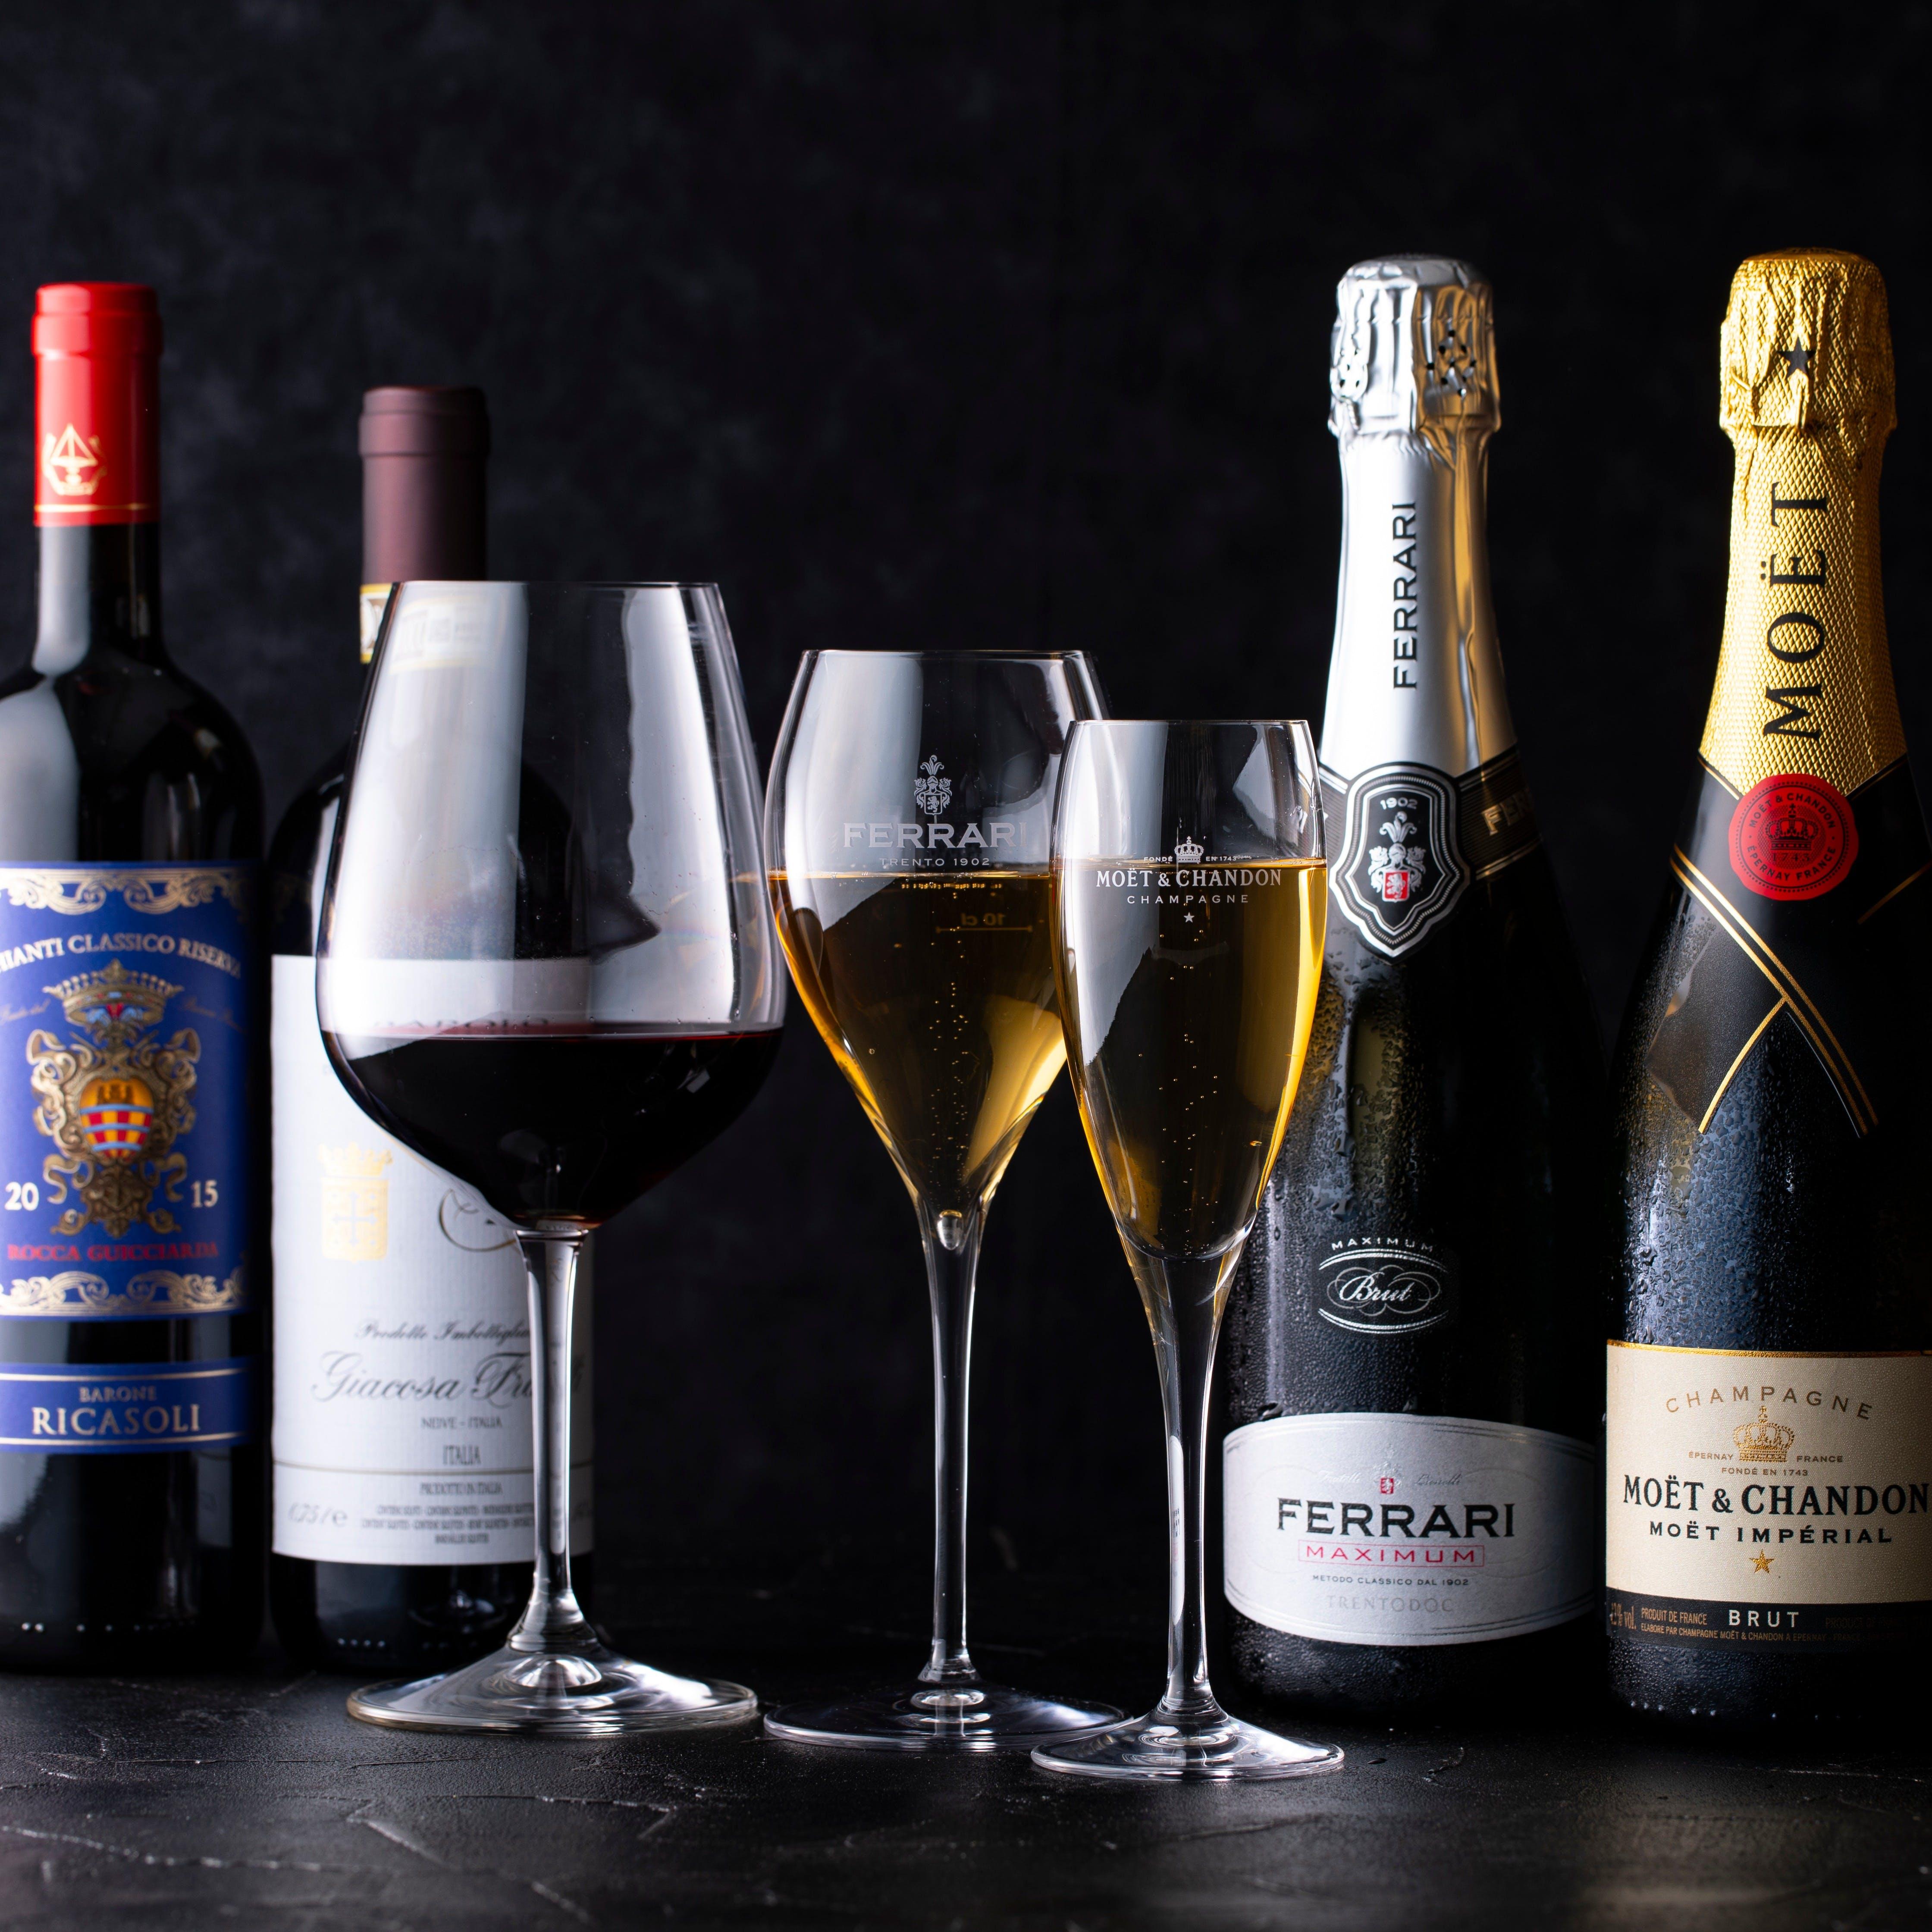 ソムリエが厳選したおすすめワインとのマリアージュ